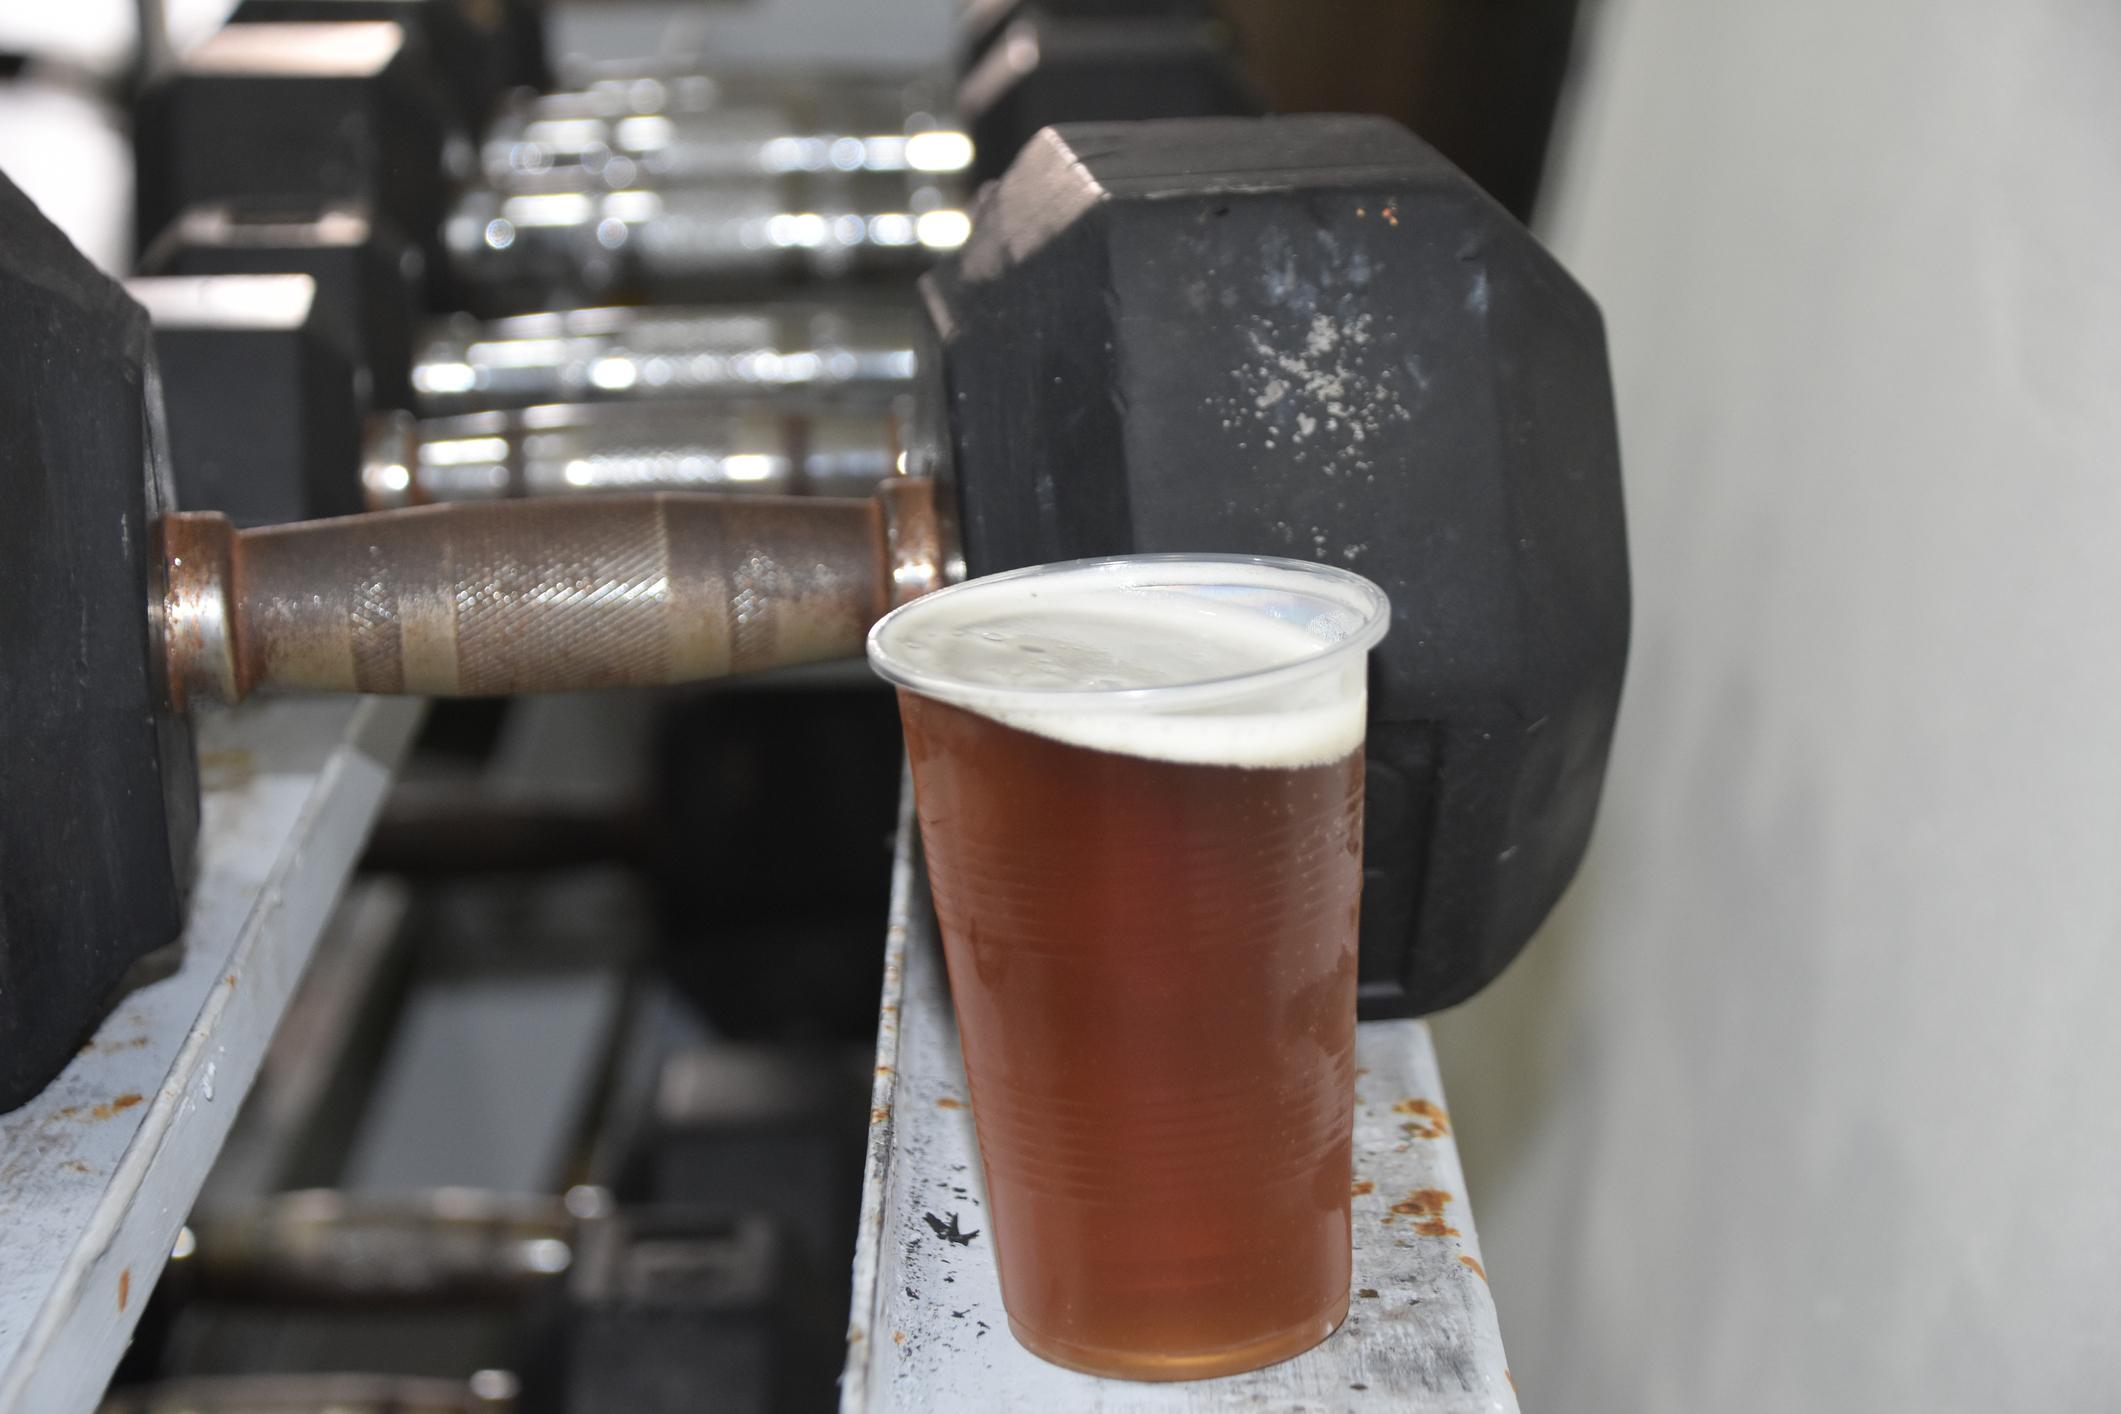 Perdida de peso por dejar de beber cerveza todos los dias